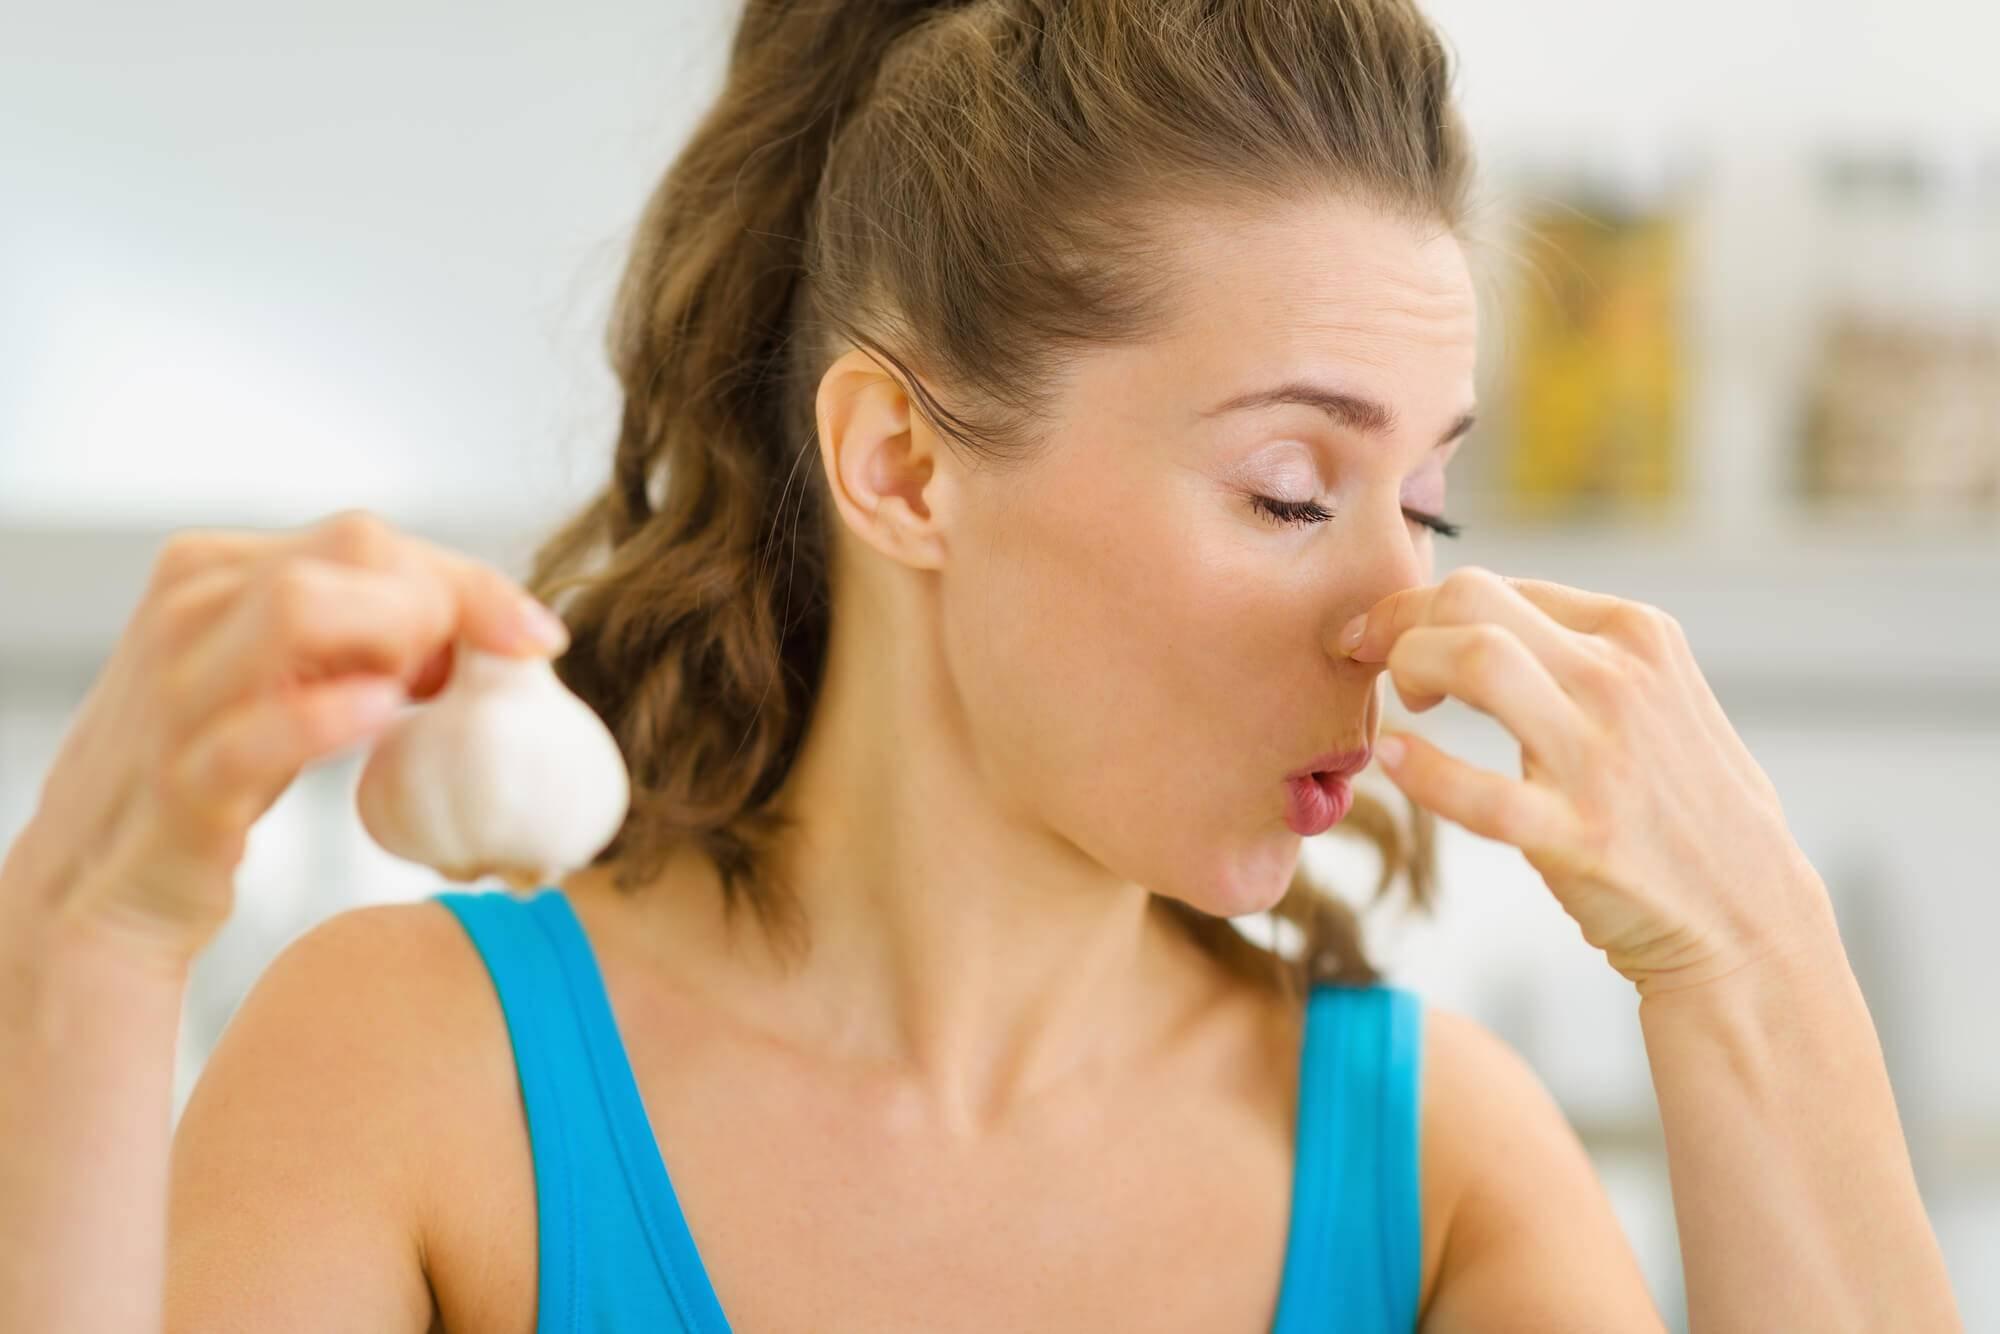 Как избавиться от запаха лука изо рта: проверенные способы